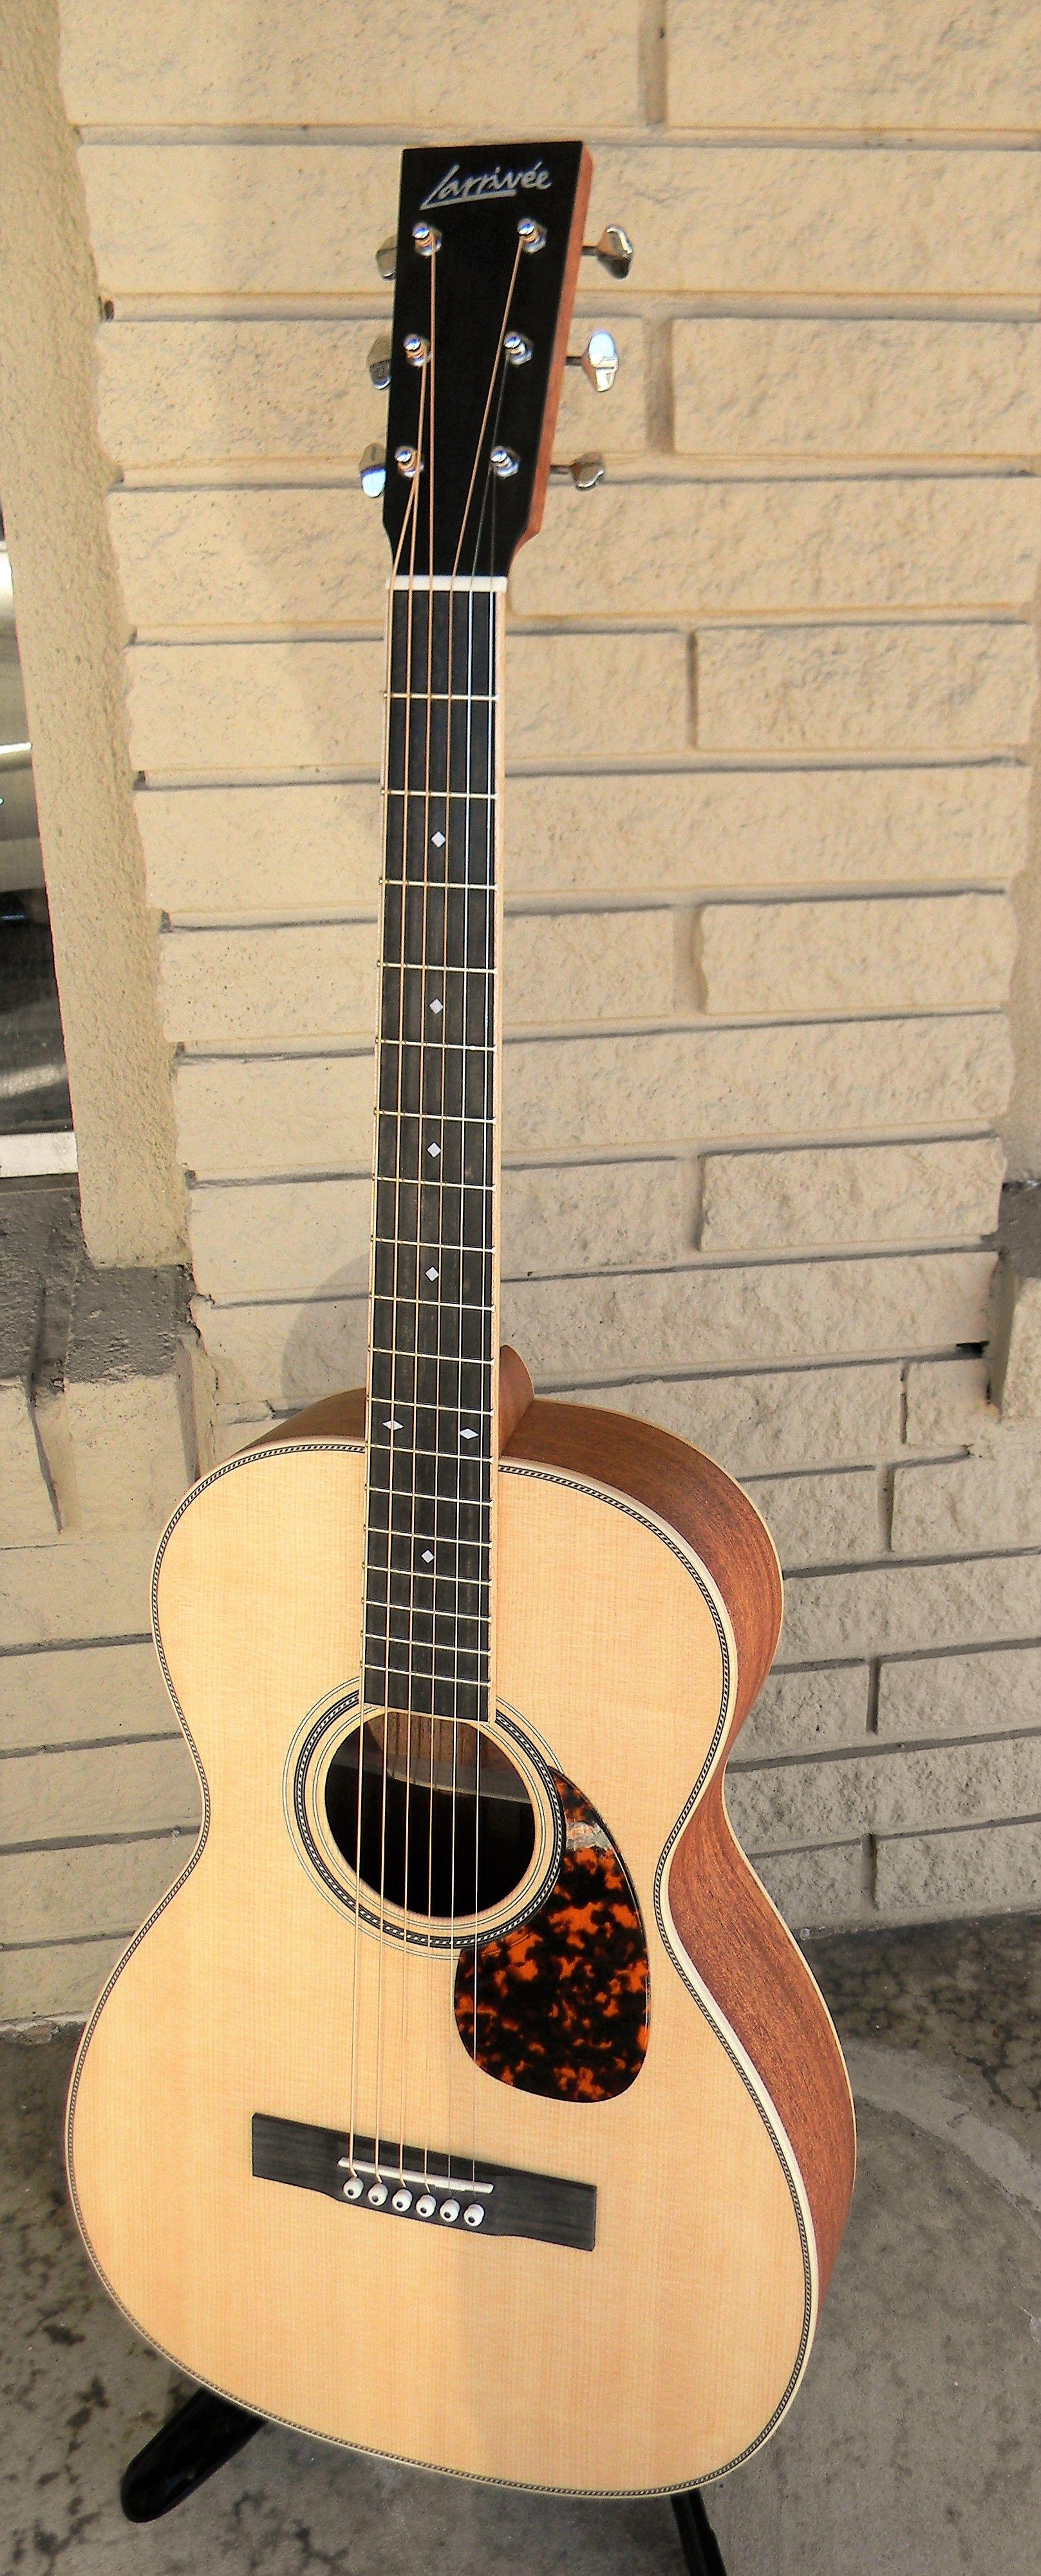 Larrivee Guitars San Antonio Guitar Store Guitar Tex Guitar Guitar Store Acoustic Guitar